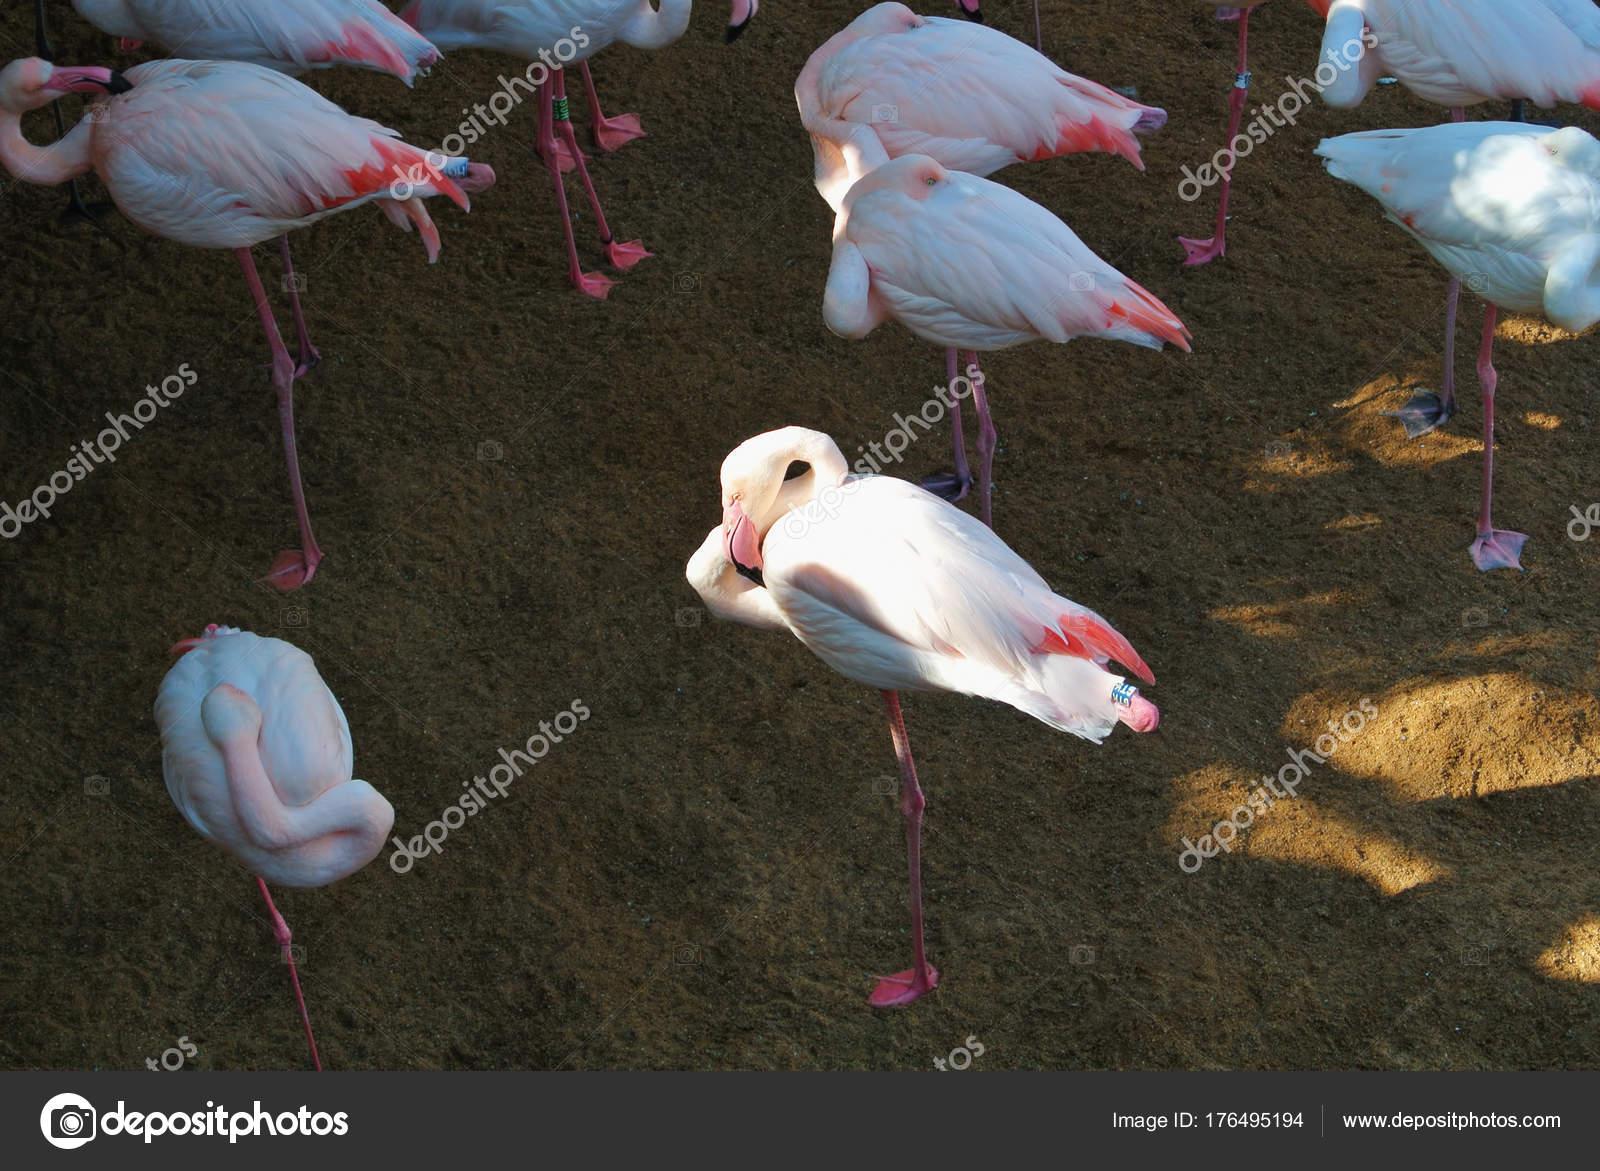 d53abd830 Flamencos, escondiendo la cabeza bajo las alas, Biopark de ...